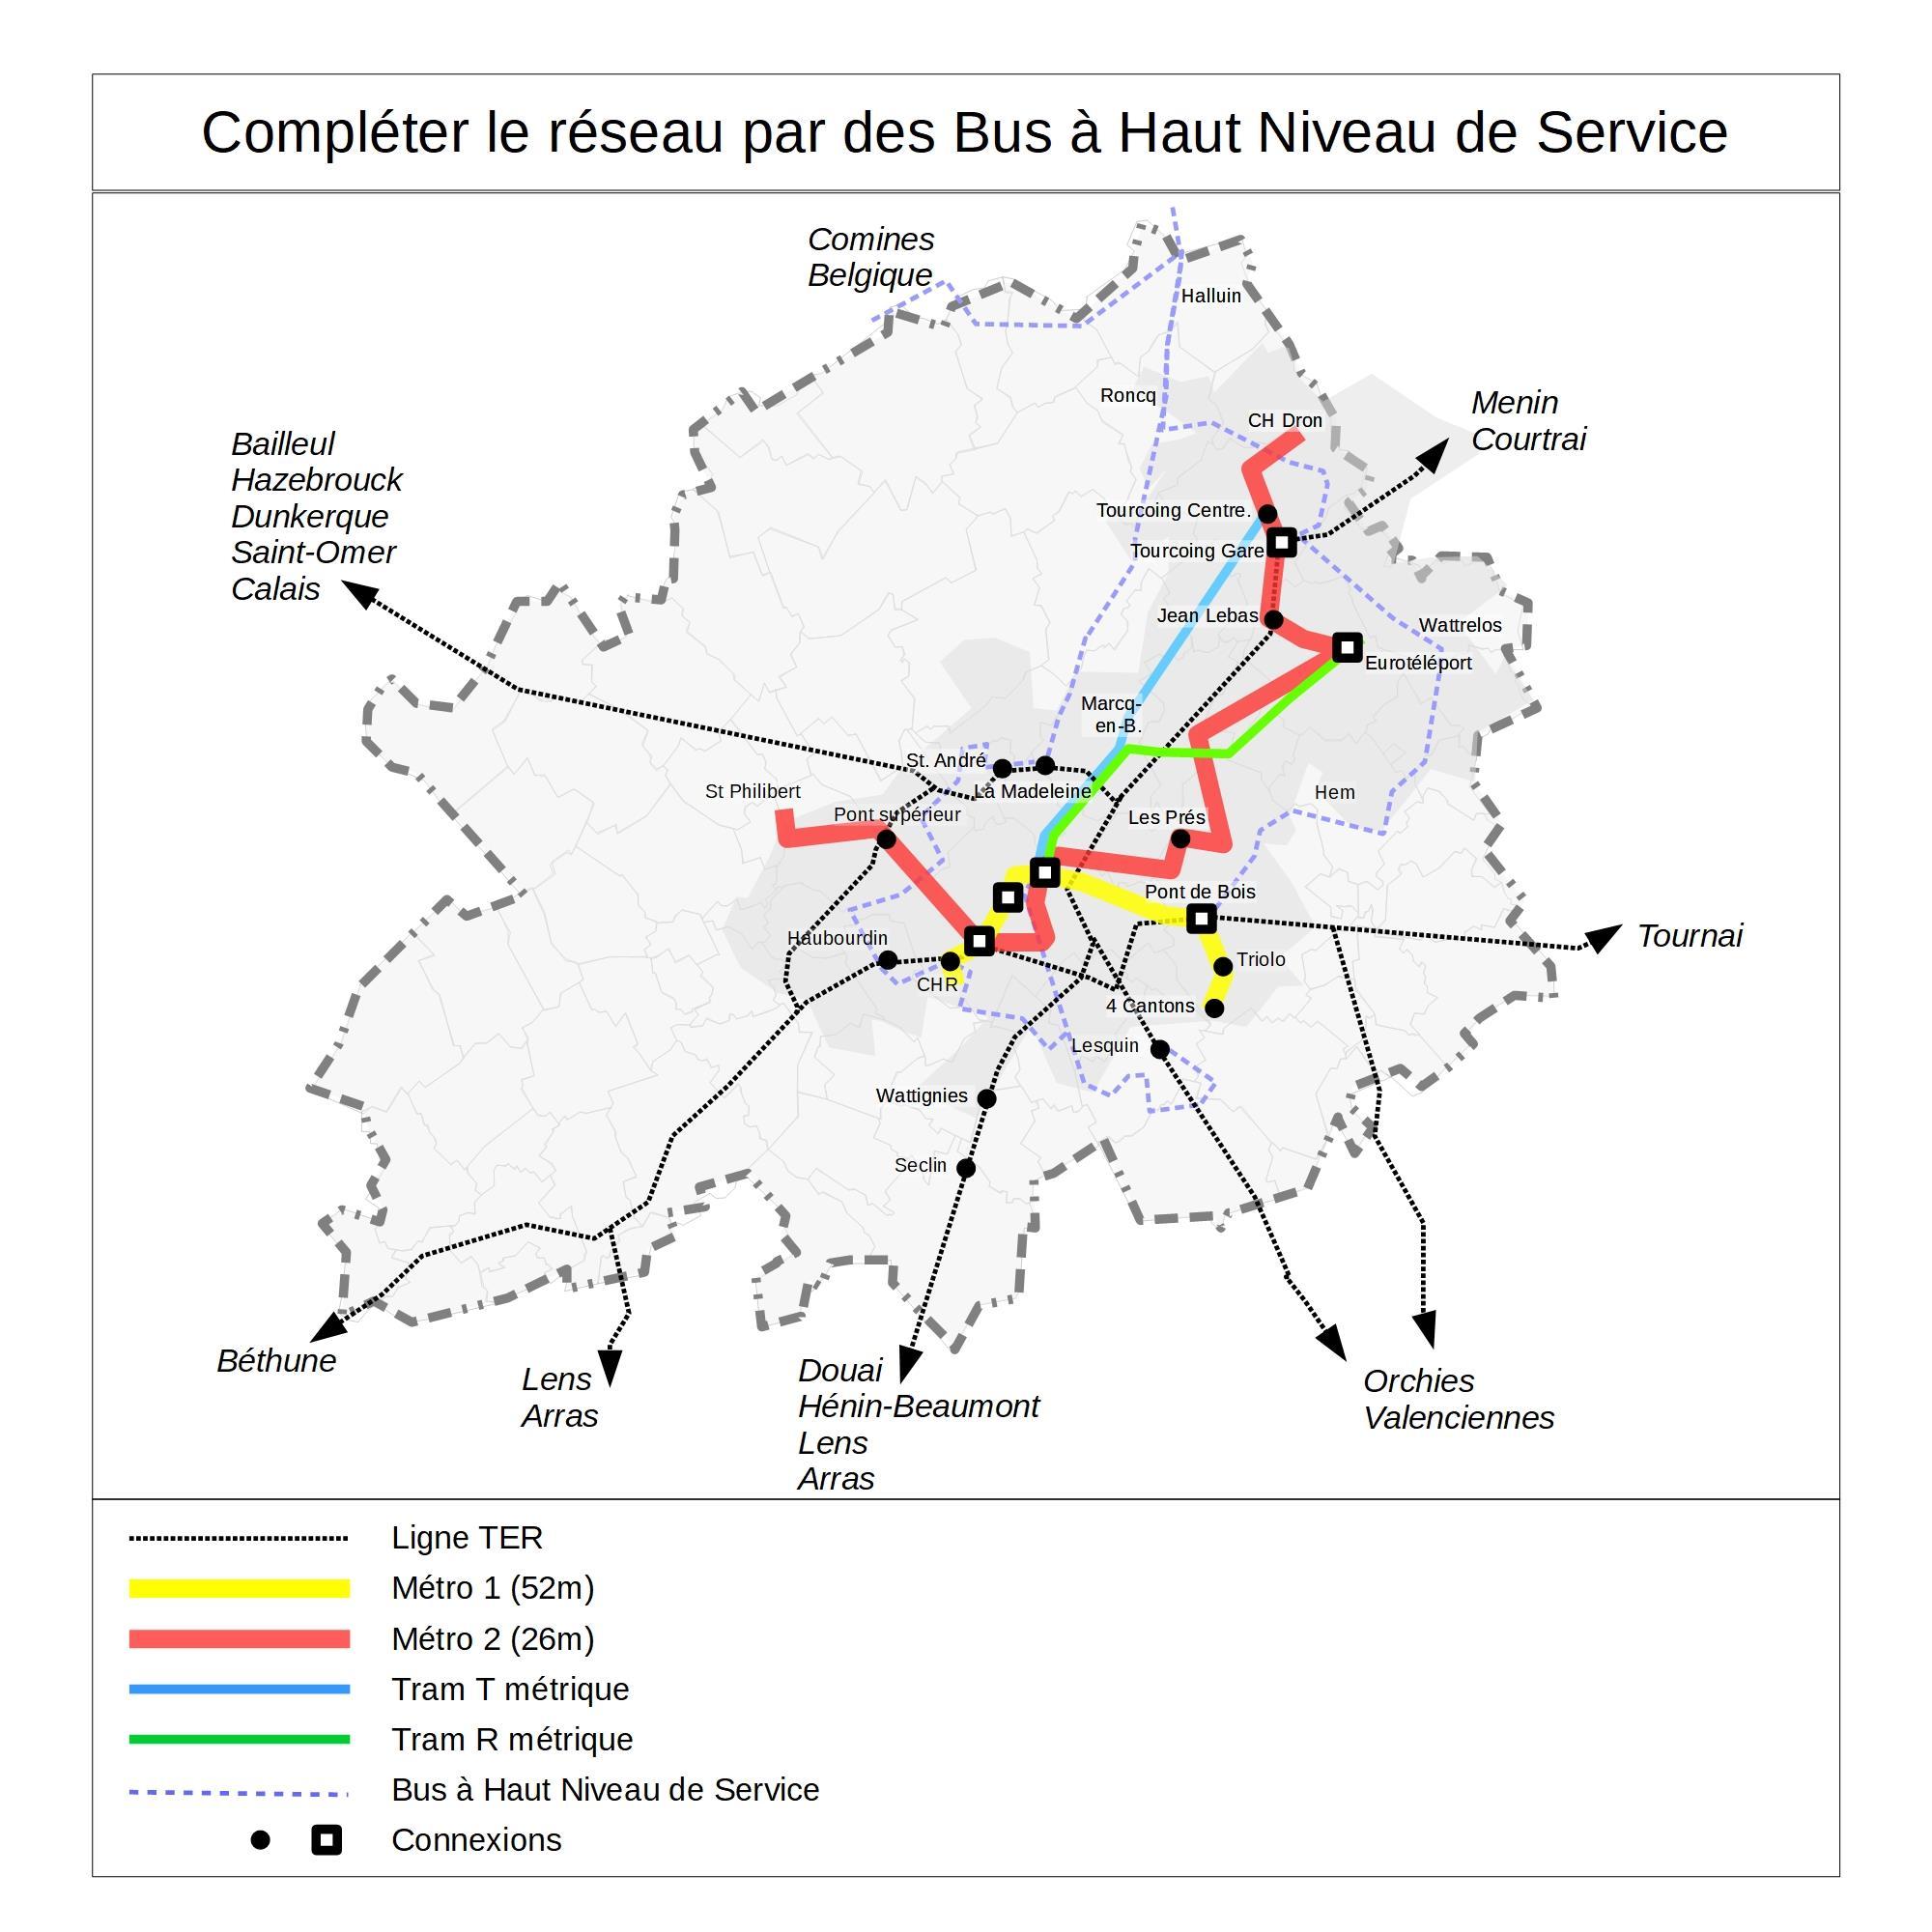 Bus-haut-niveau-service-lille